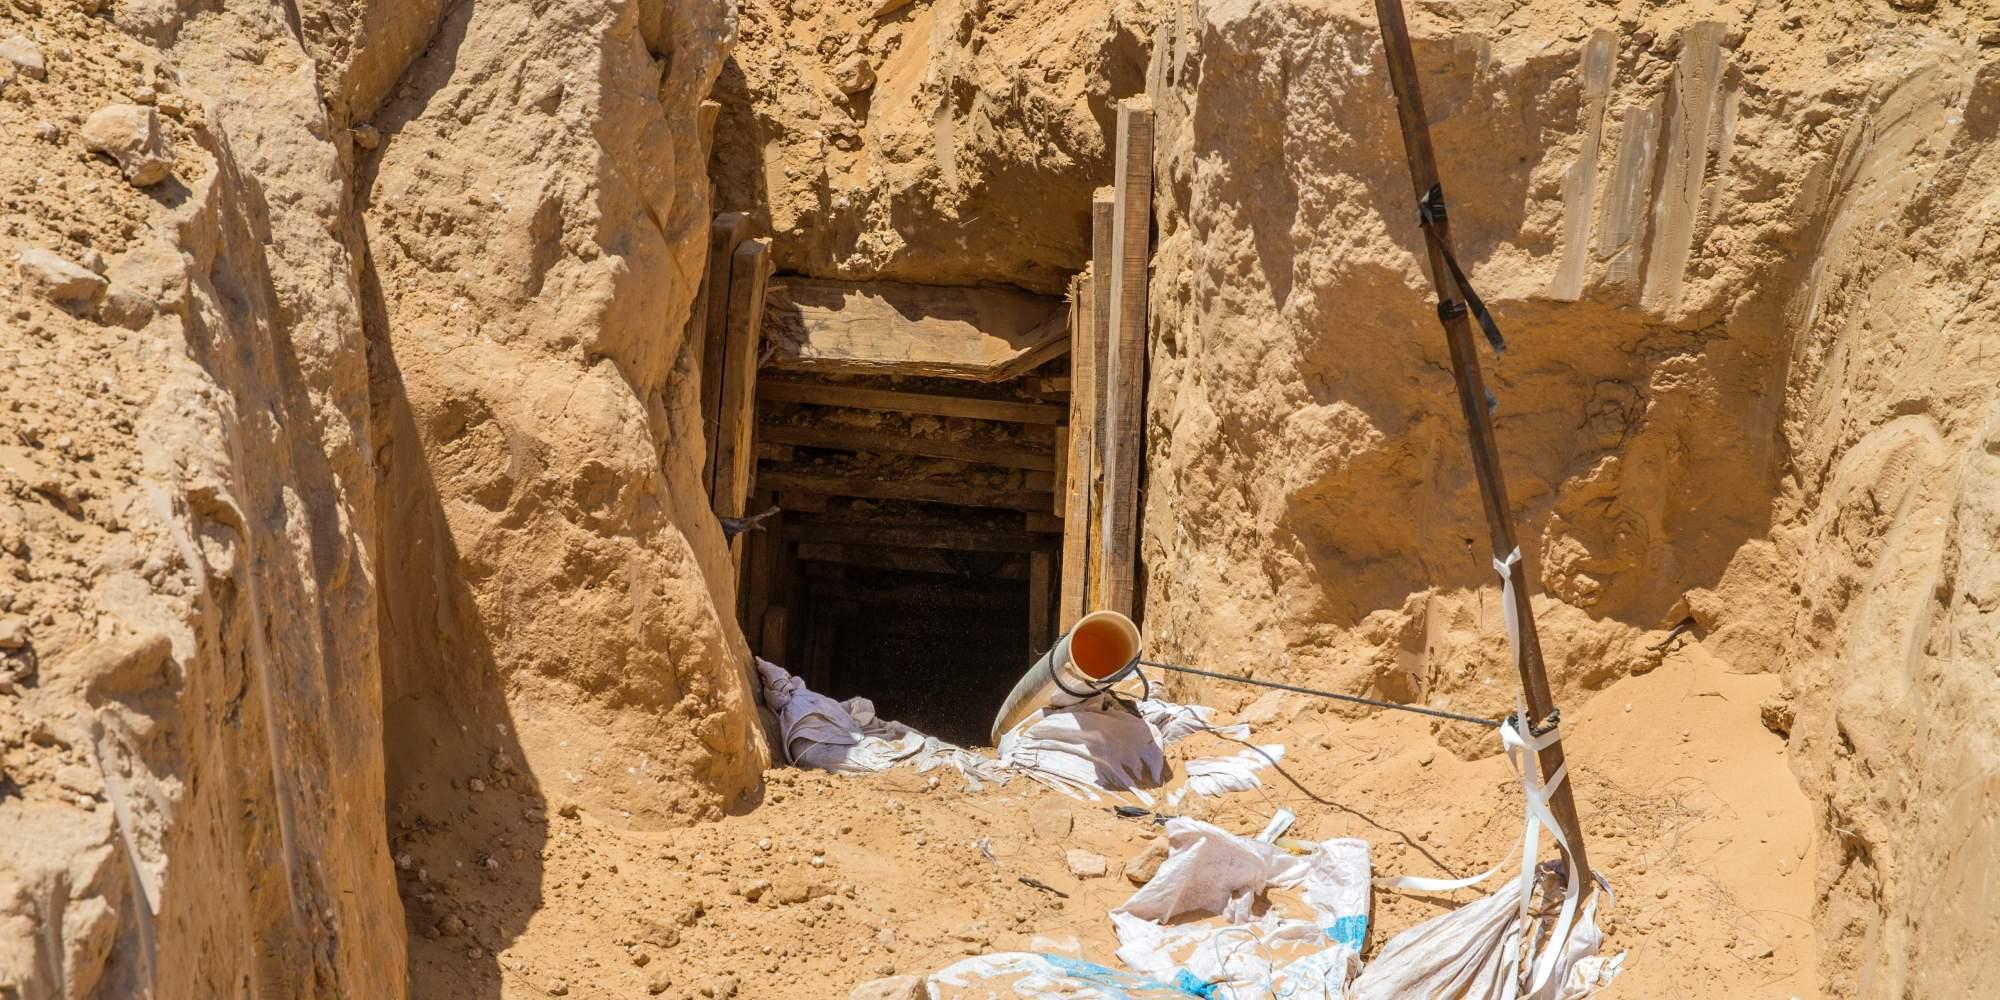 حاولوا ترميمه بعد أن دمَّرته مصر قبل يومين.. مقتل وإصابة 8 فلسطينيين في أحد الأنفاق